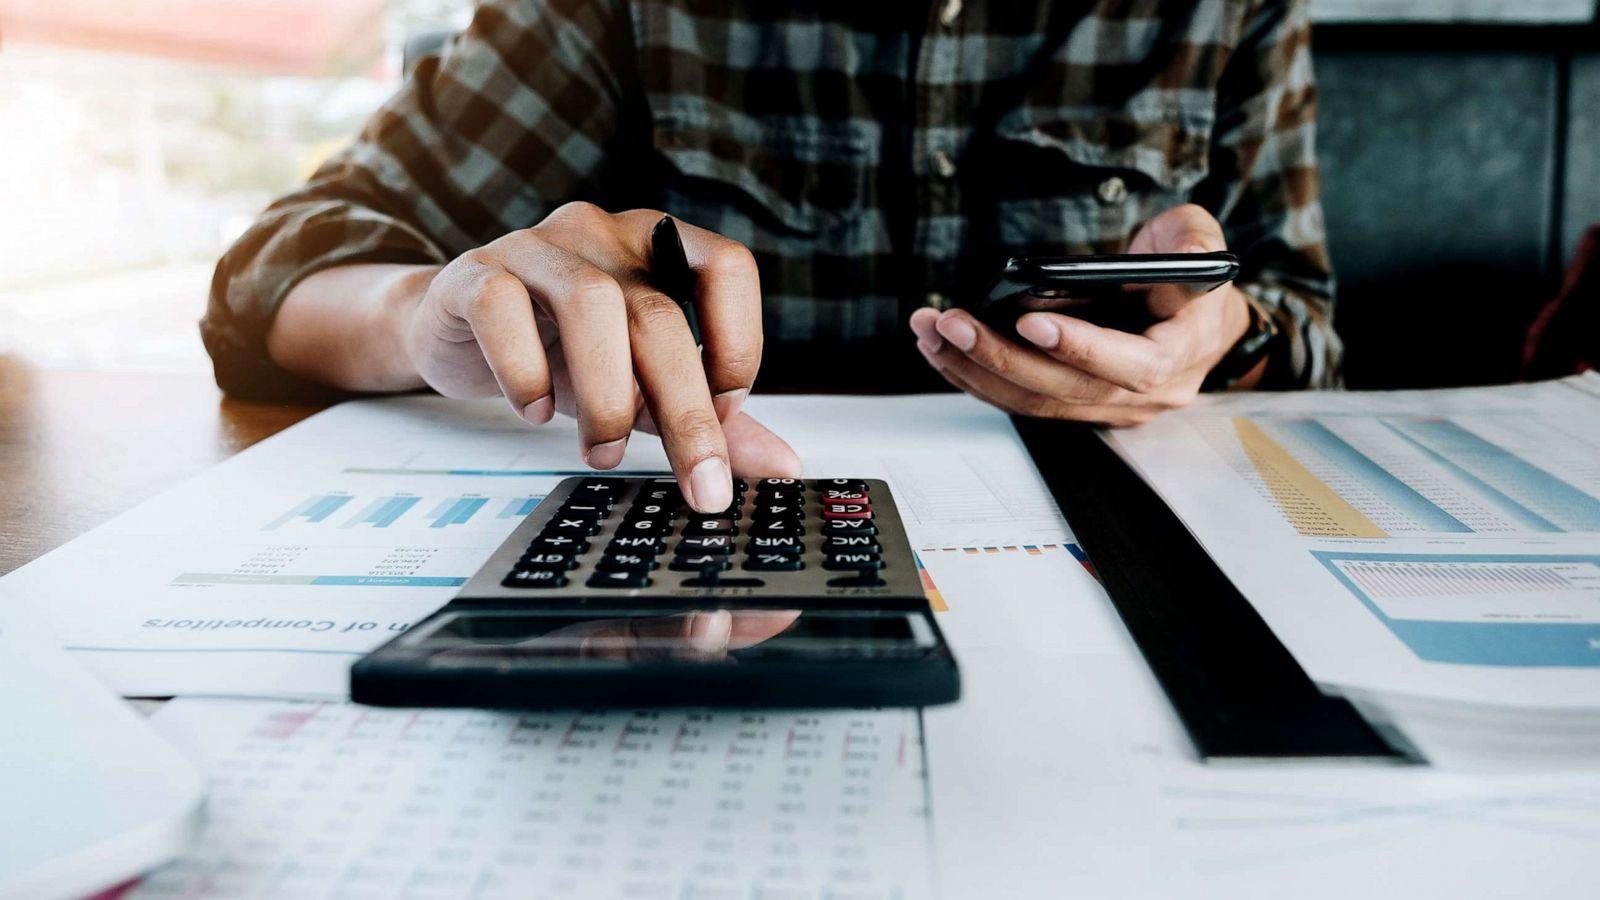 حسابداری تحت وب رایگان 2 حسابداری تحت وب رایگان